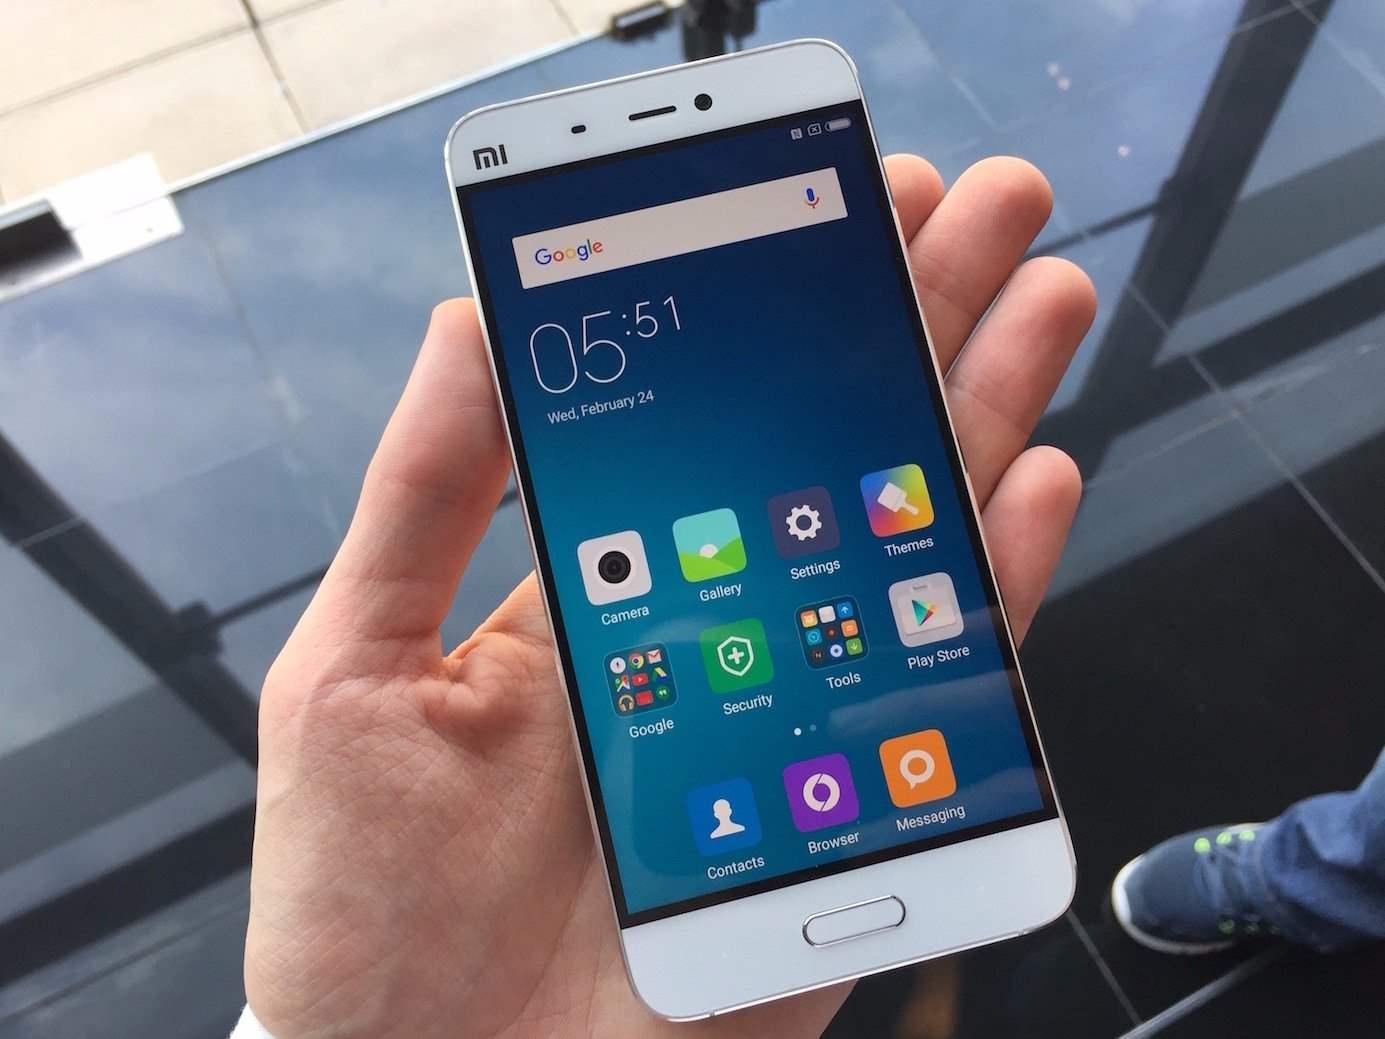 Harga Xiaomi Mi5, Spesifikasi Dan Rilis Indonesia Layar 2